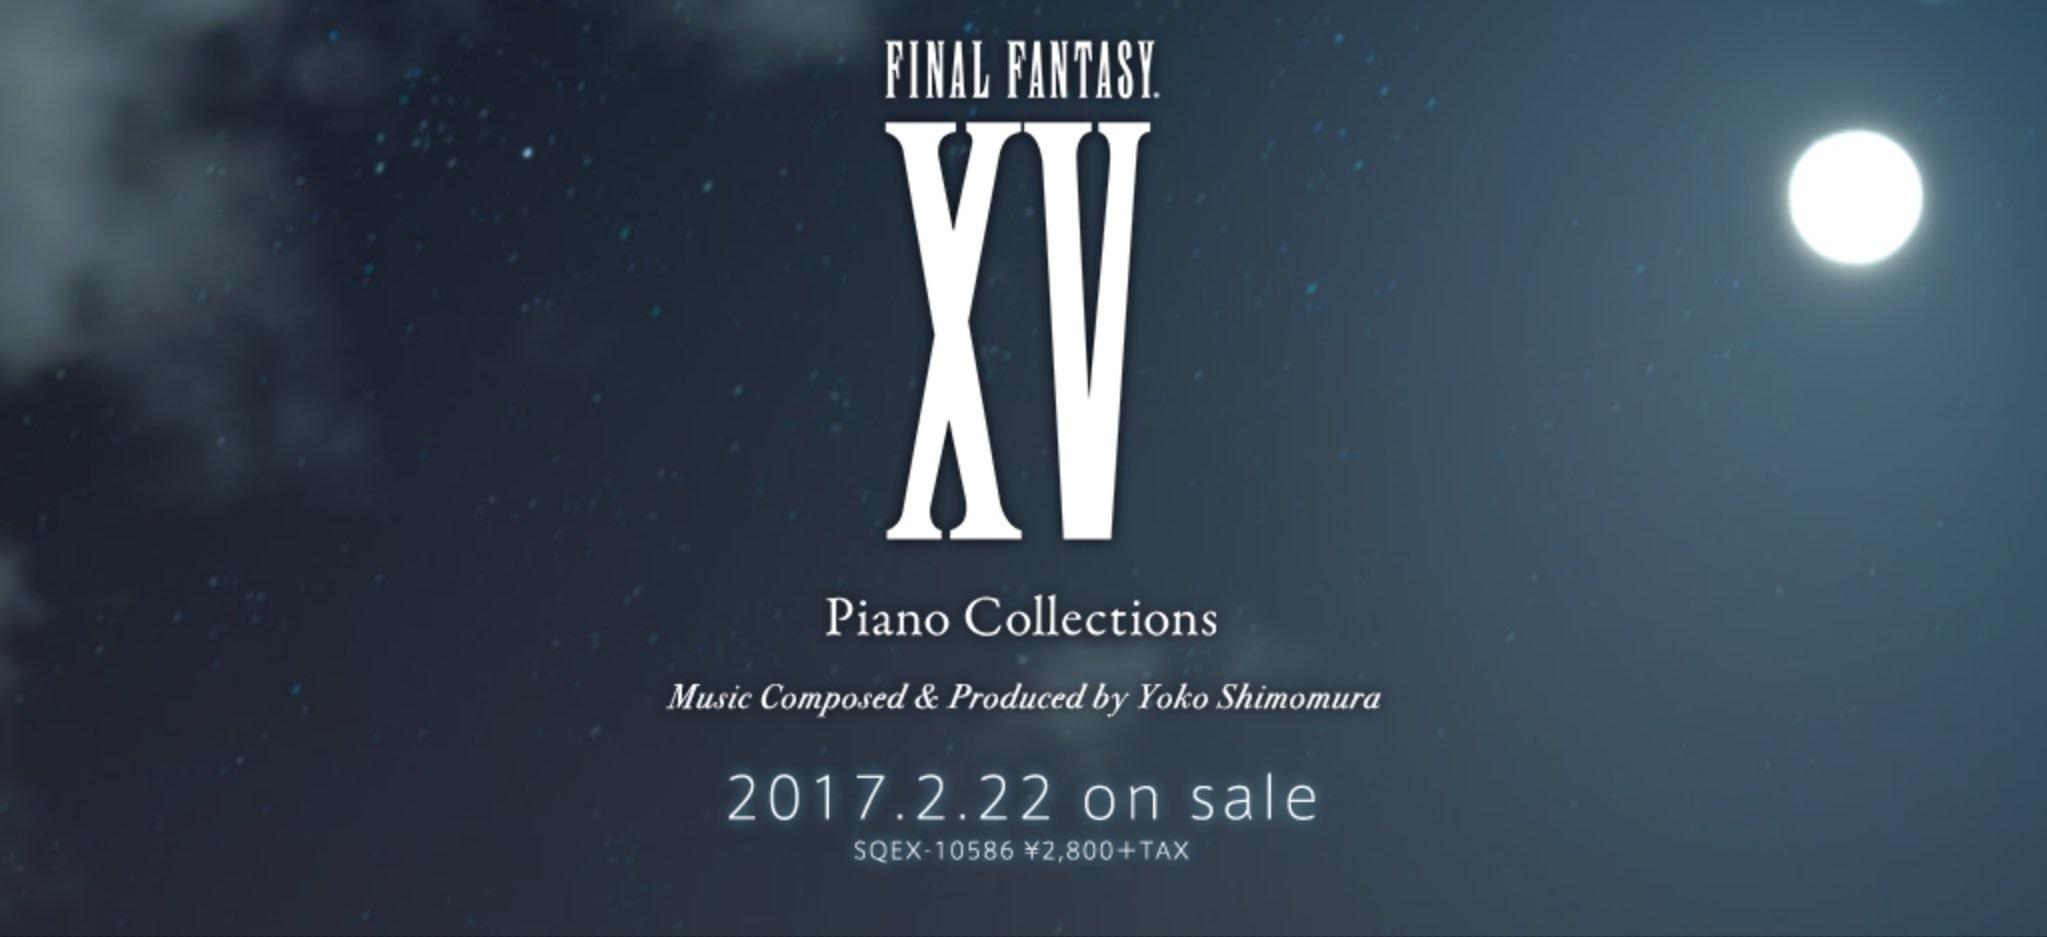 Final Fantasy XV Piano Collections in arrivo il 22 Febbraio!